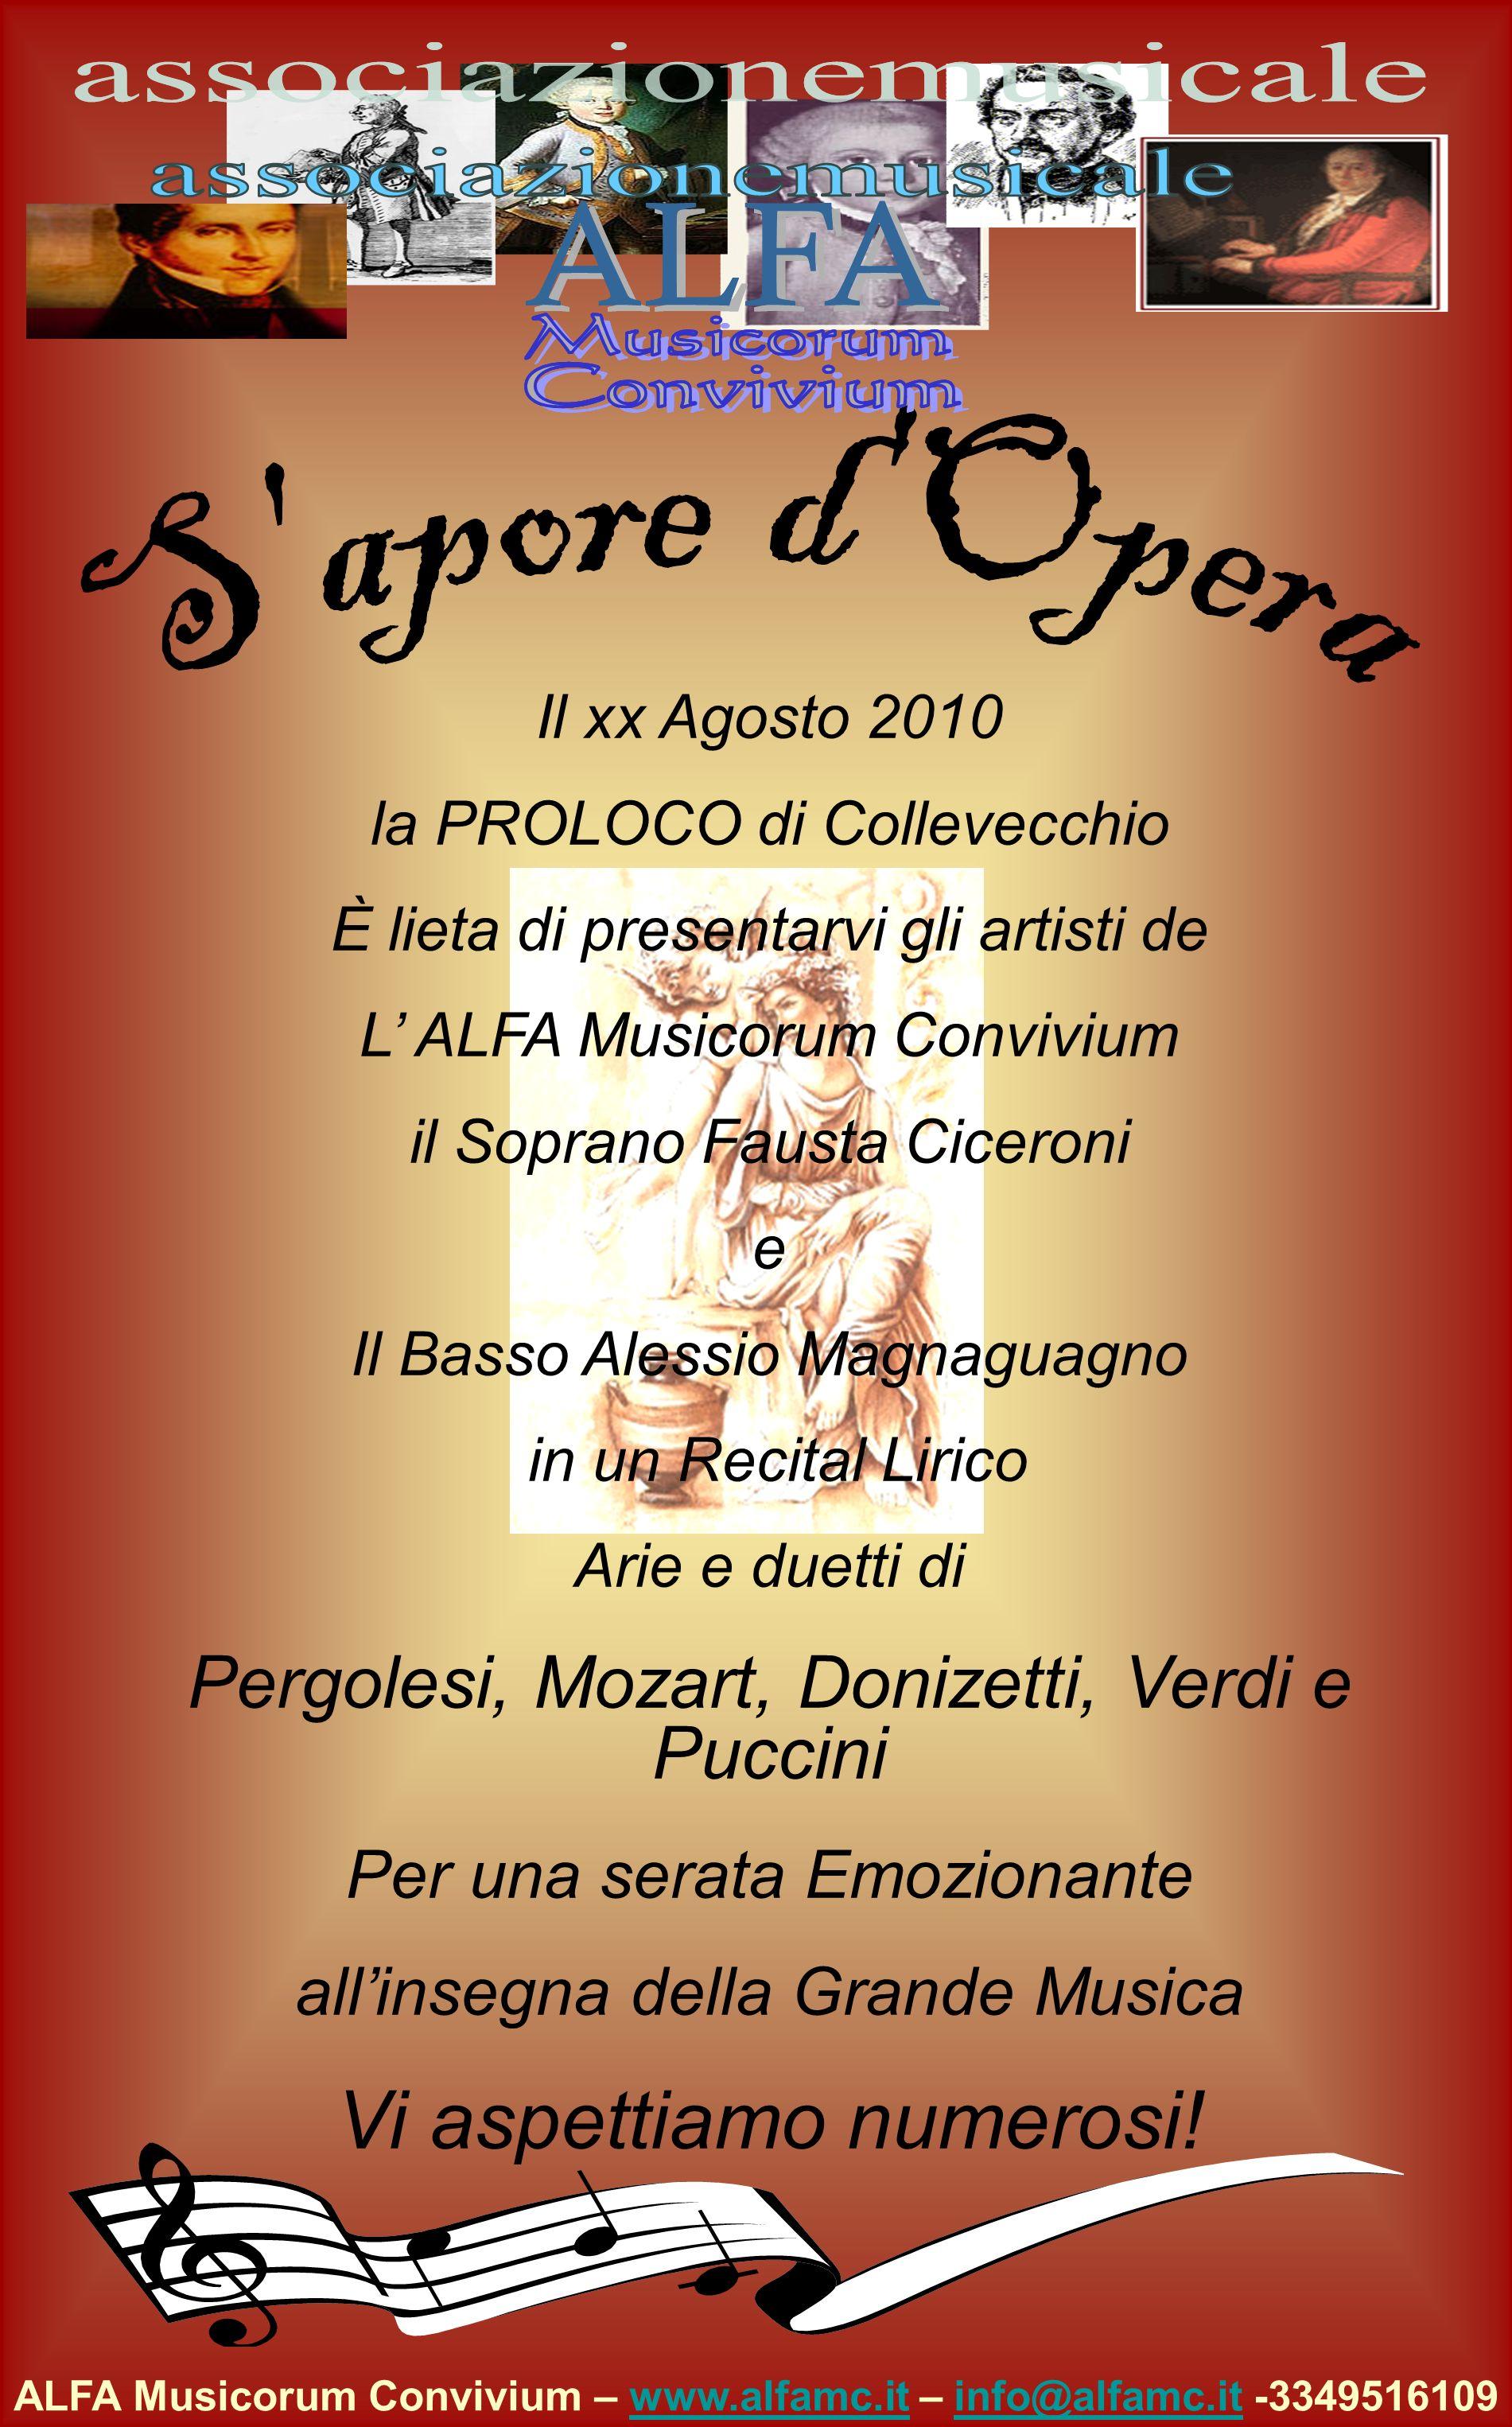 ALFA Musicorum Convivium – www.alfamc.it – info@alfamc.it -3349516109